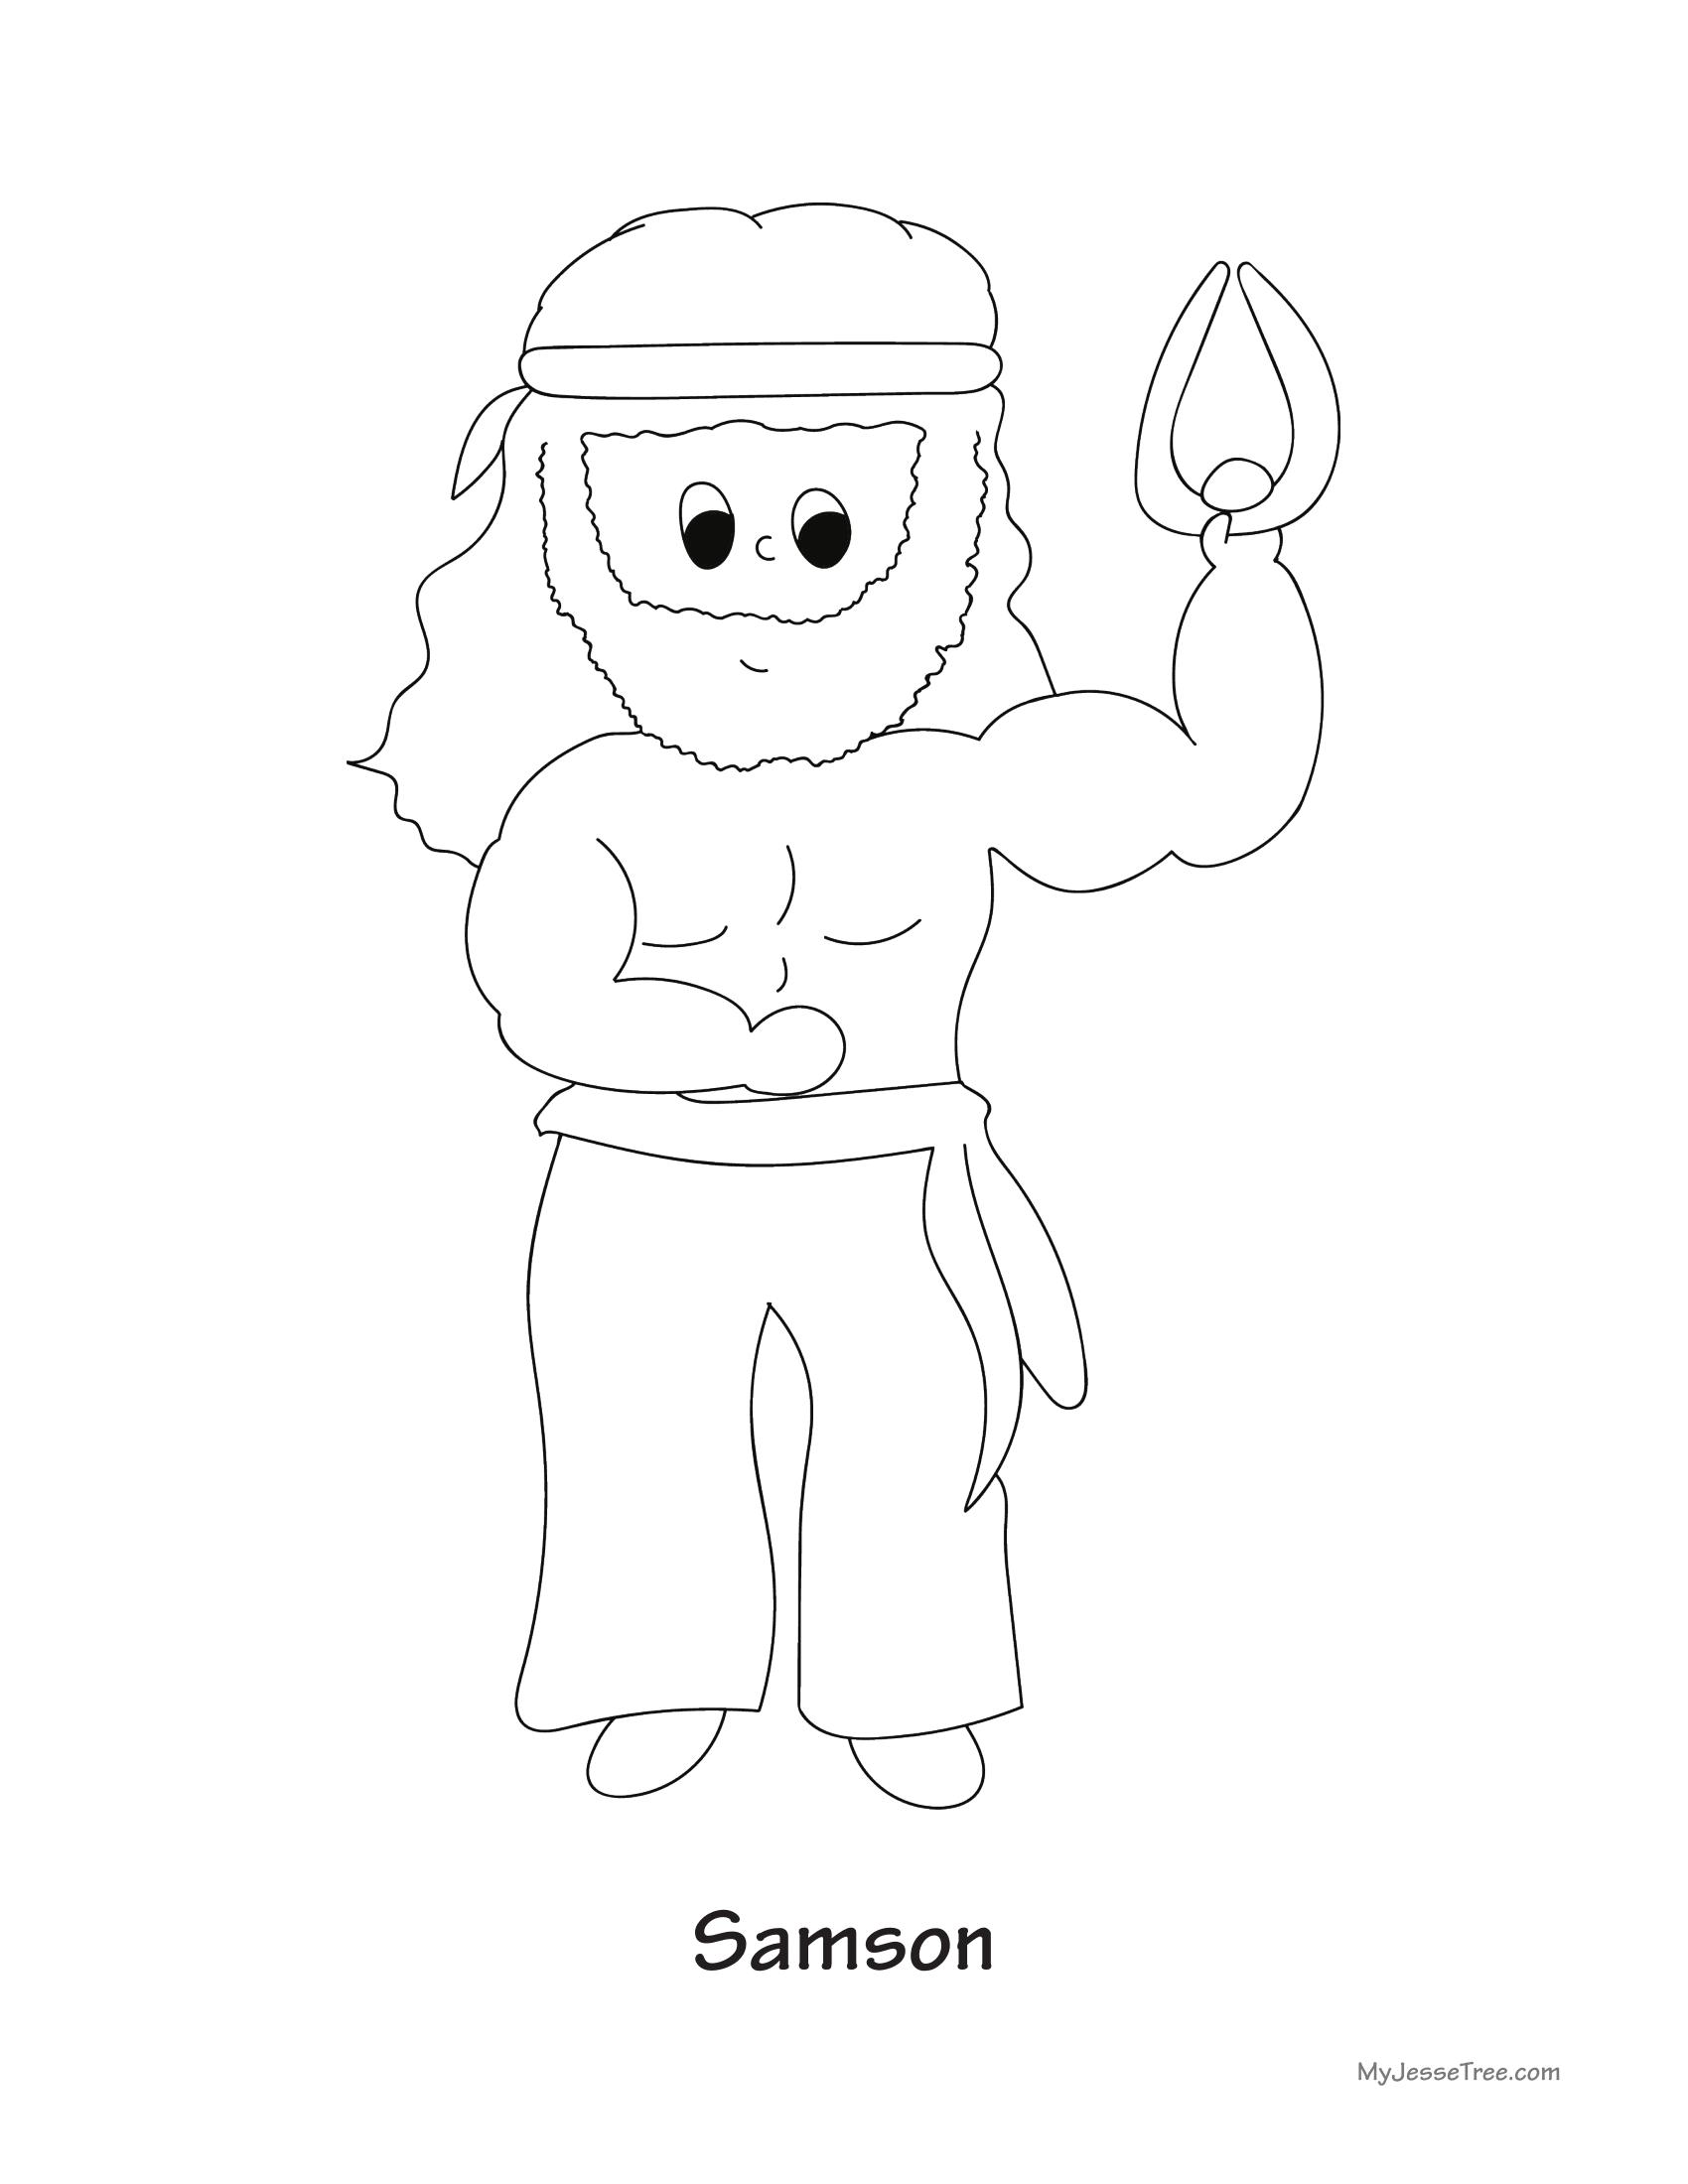 Samson Coloring Sheet